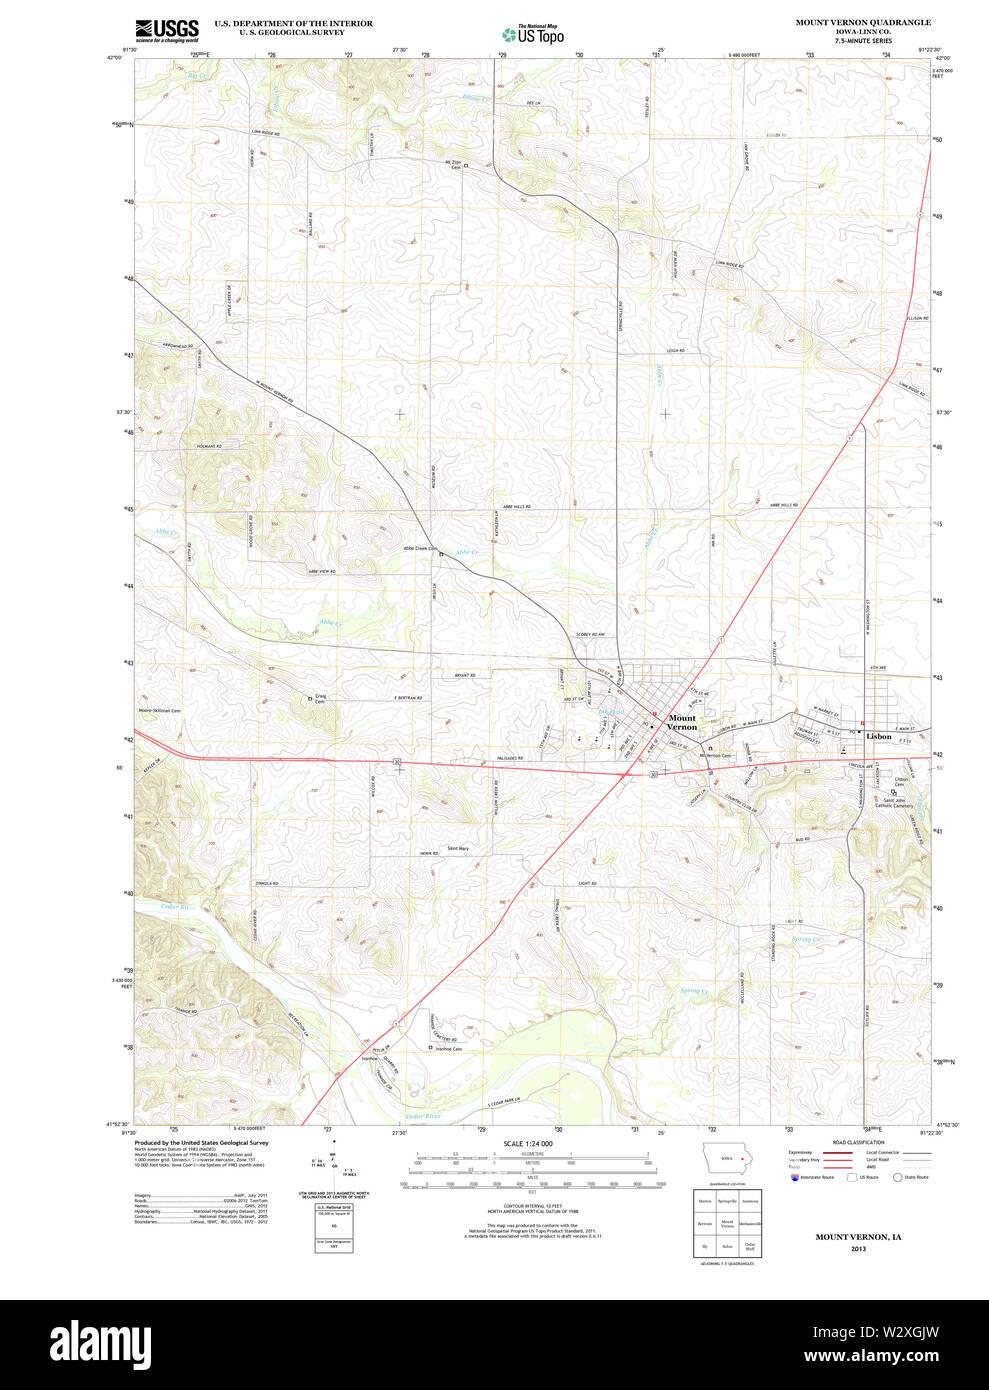 mount vernon iowa map Usgs Topo Maps Iowa Ia Mount Vernon 20130425 Tm Restoration Stock mount vernon iowa map